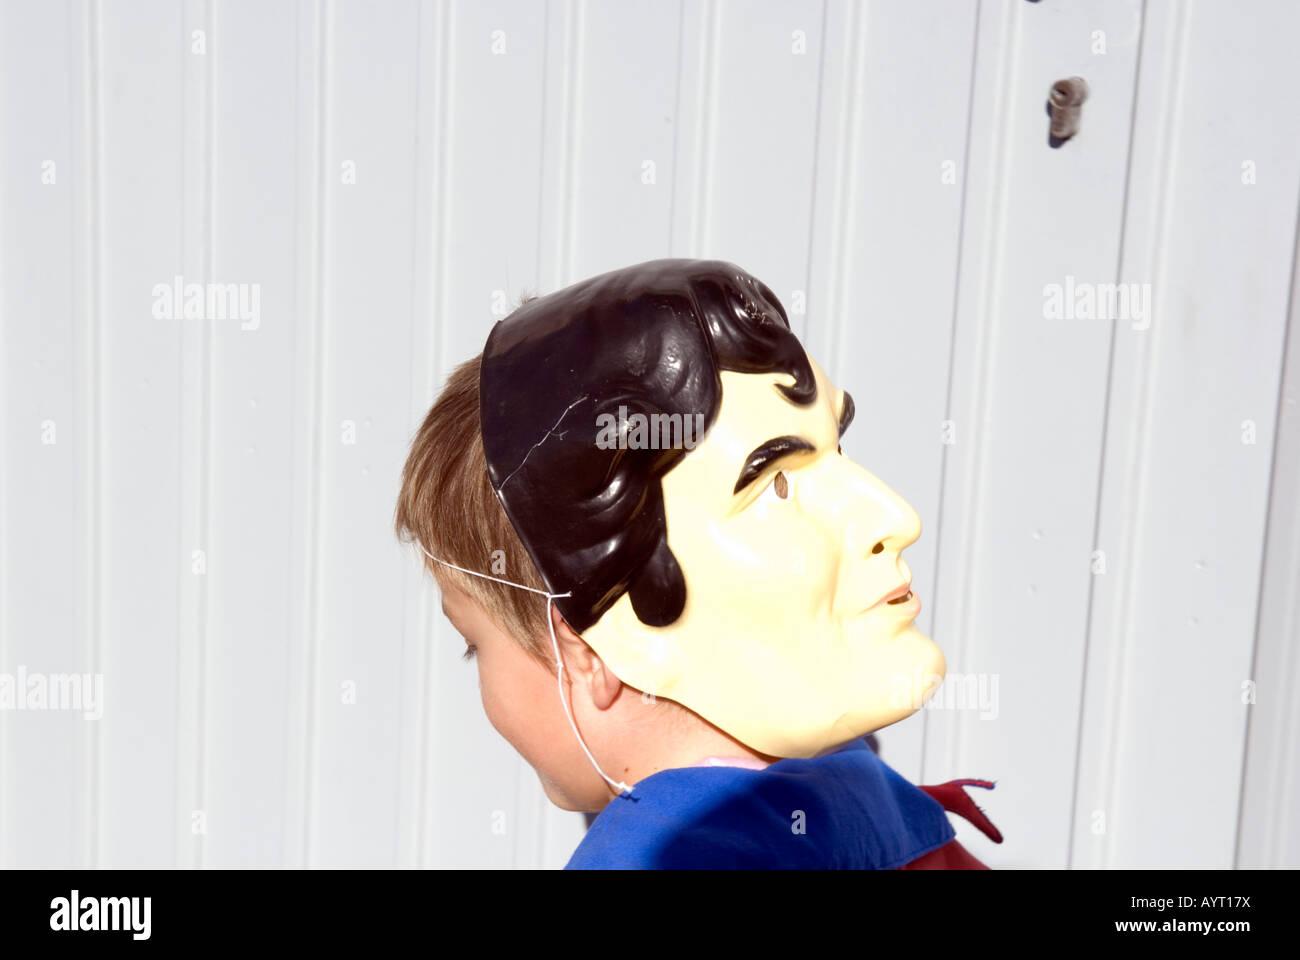 Detail des jungen Superman Maske hinten nach vorne auf dem Kopf tragen Stockbild